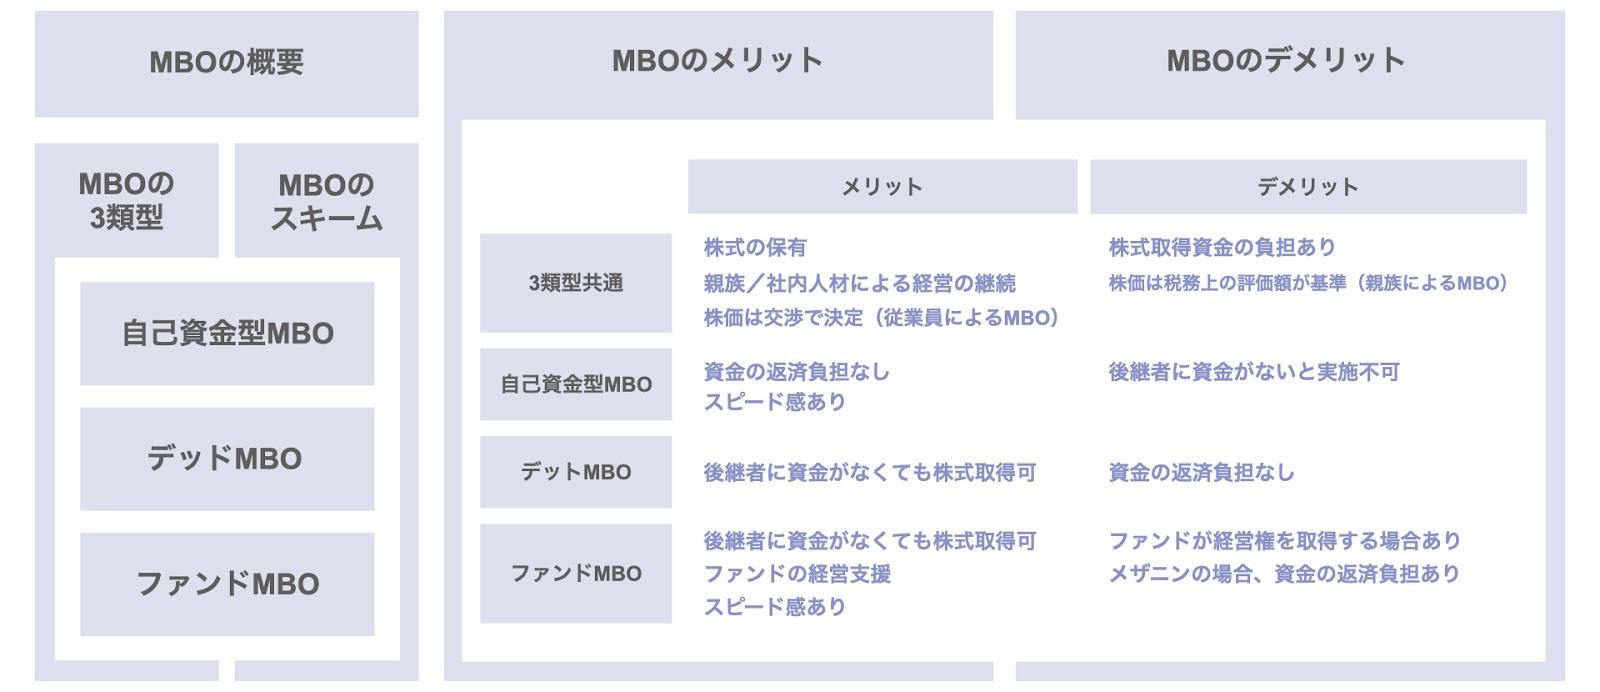 後継者から見たMBOによる事業承継